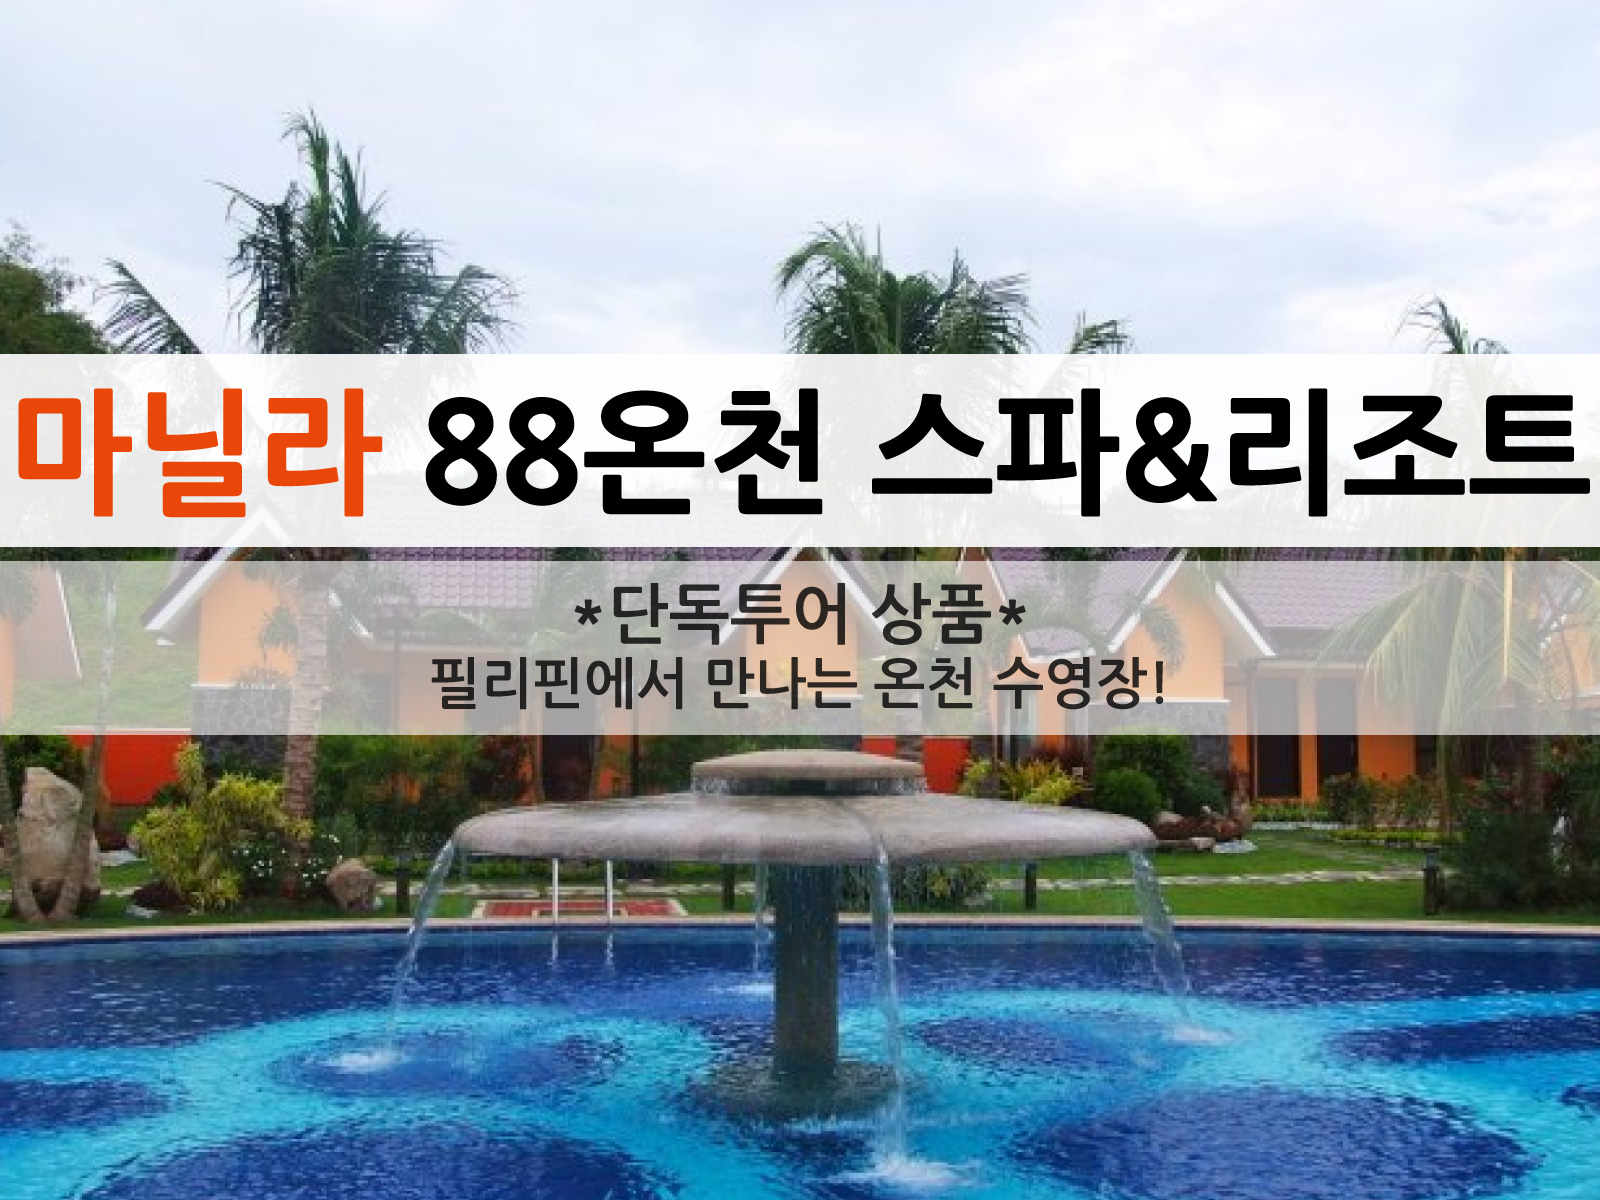 [마닐라 데이투어] 88 핫스프링 온천 라구나